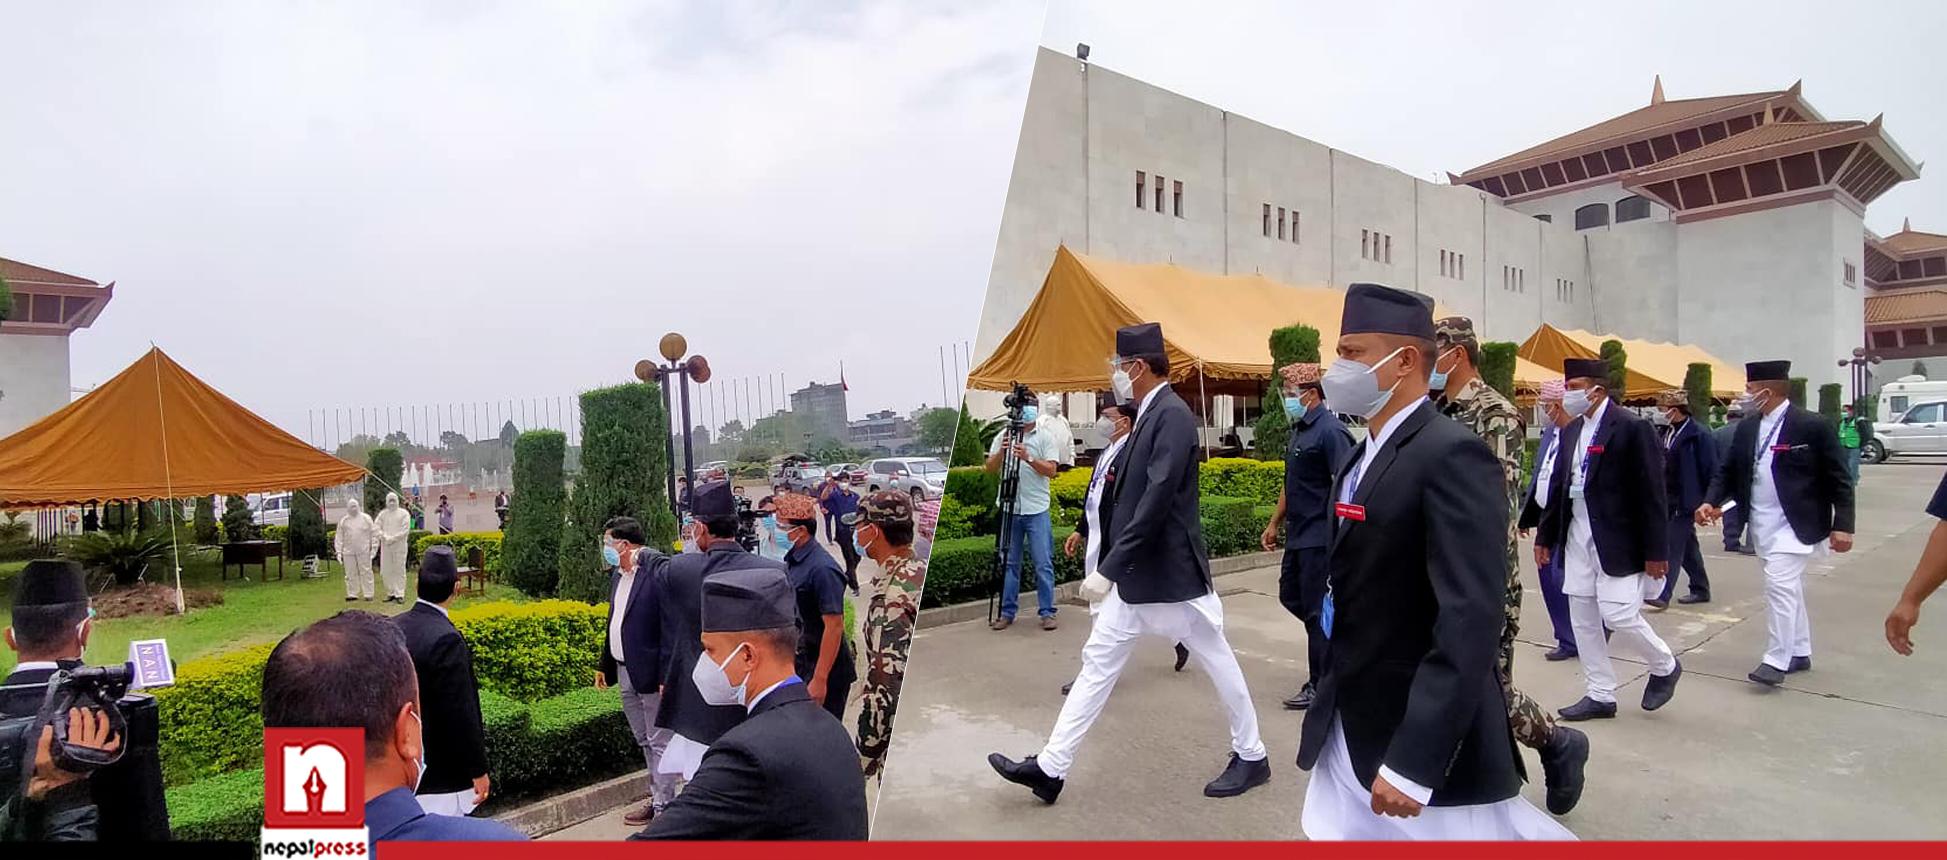 संसद बैठक शुरू हुनुअघिको चहलपहल